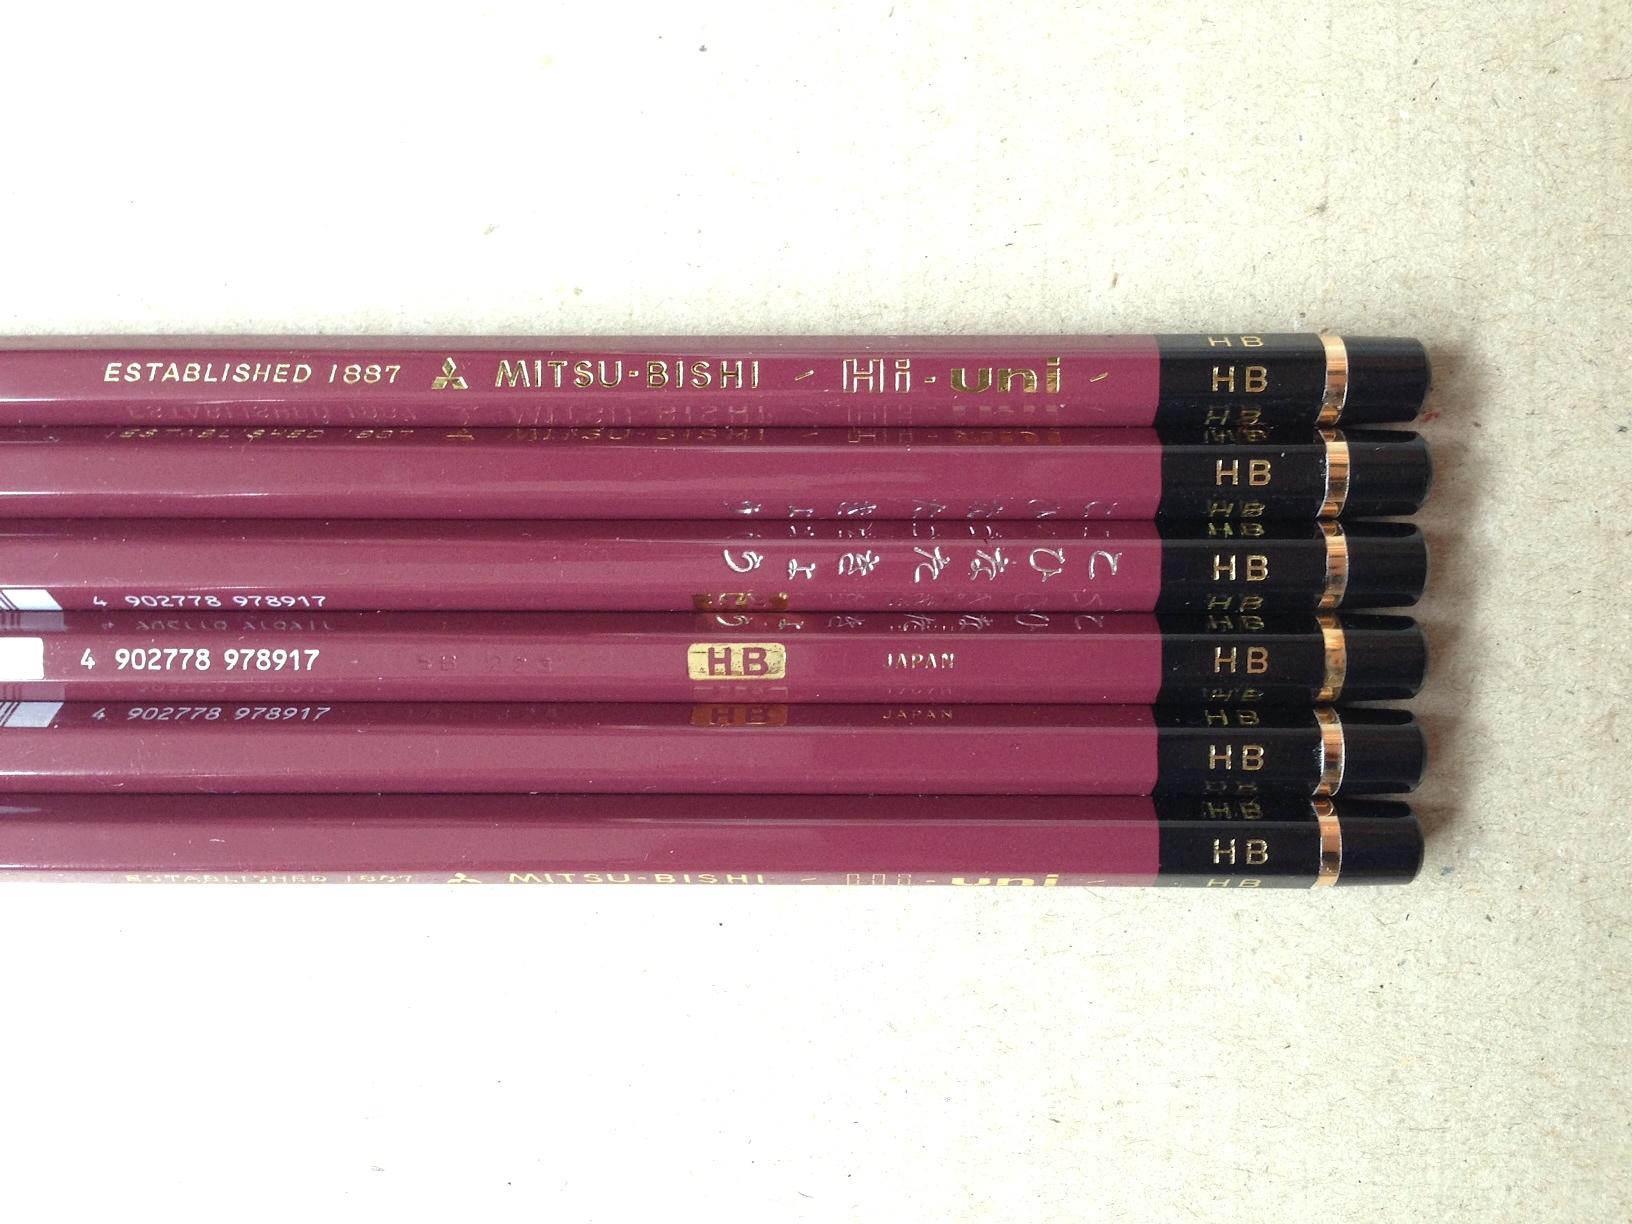 鉛筆の名入れ